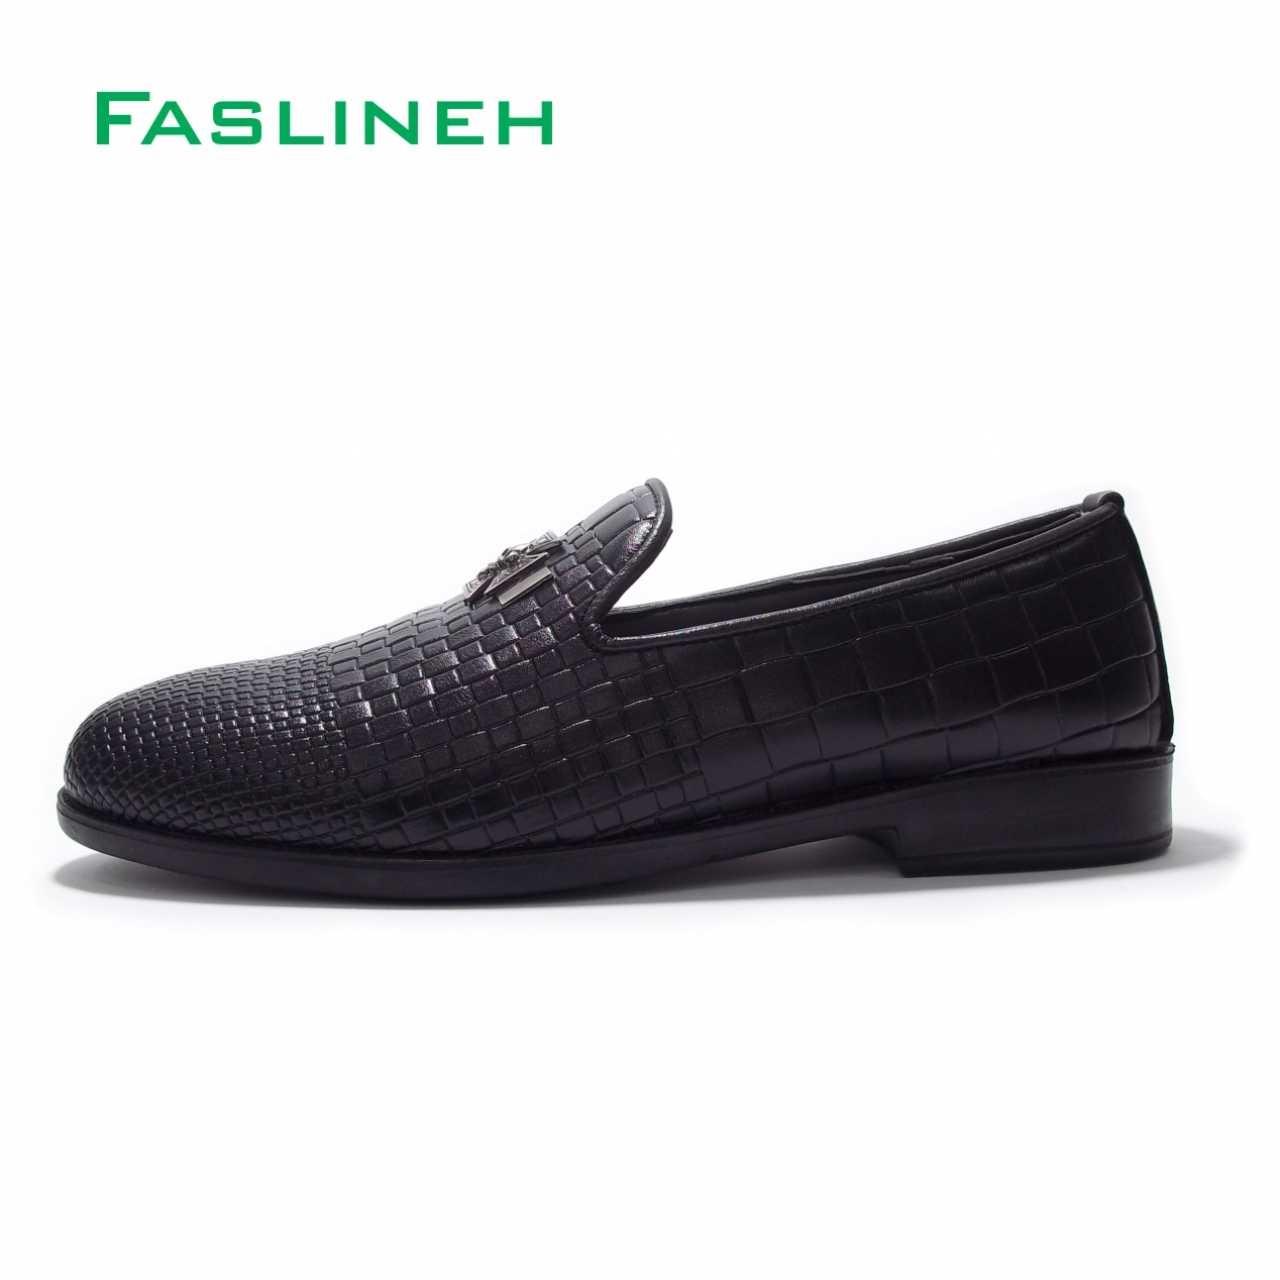 کفش کالج مدل کروکودیل پلاس مشکی